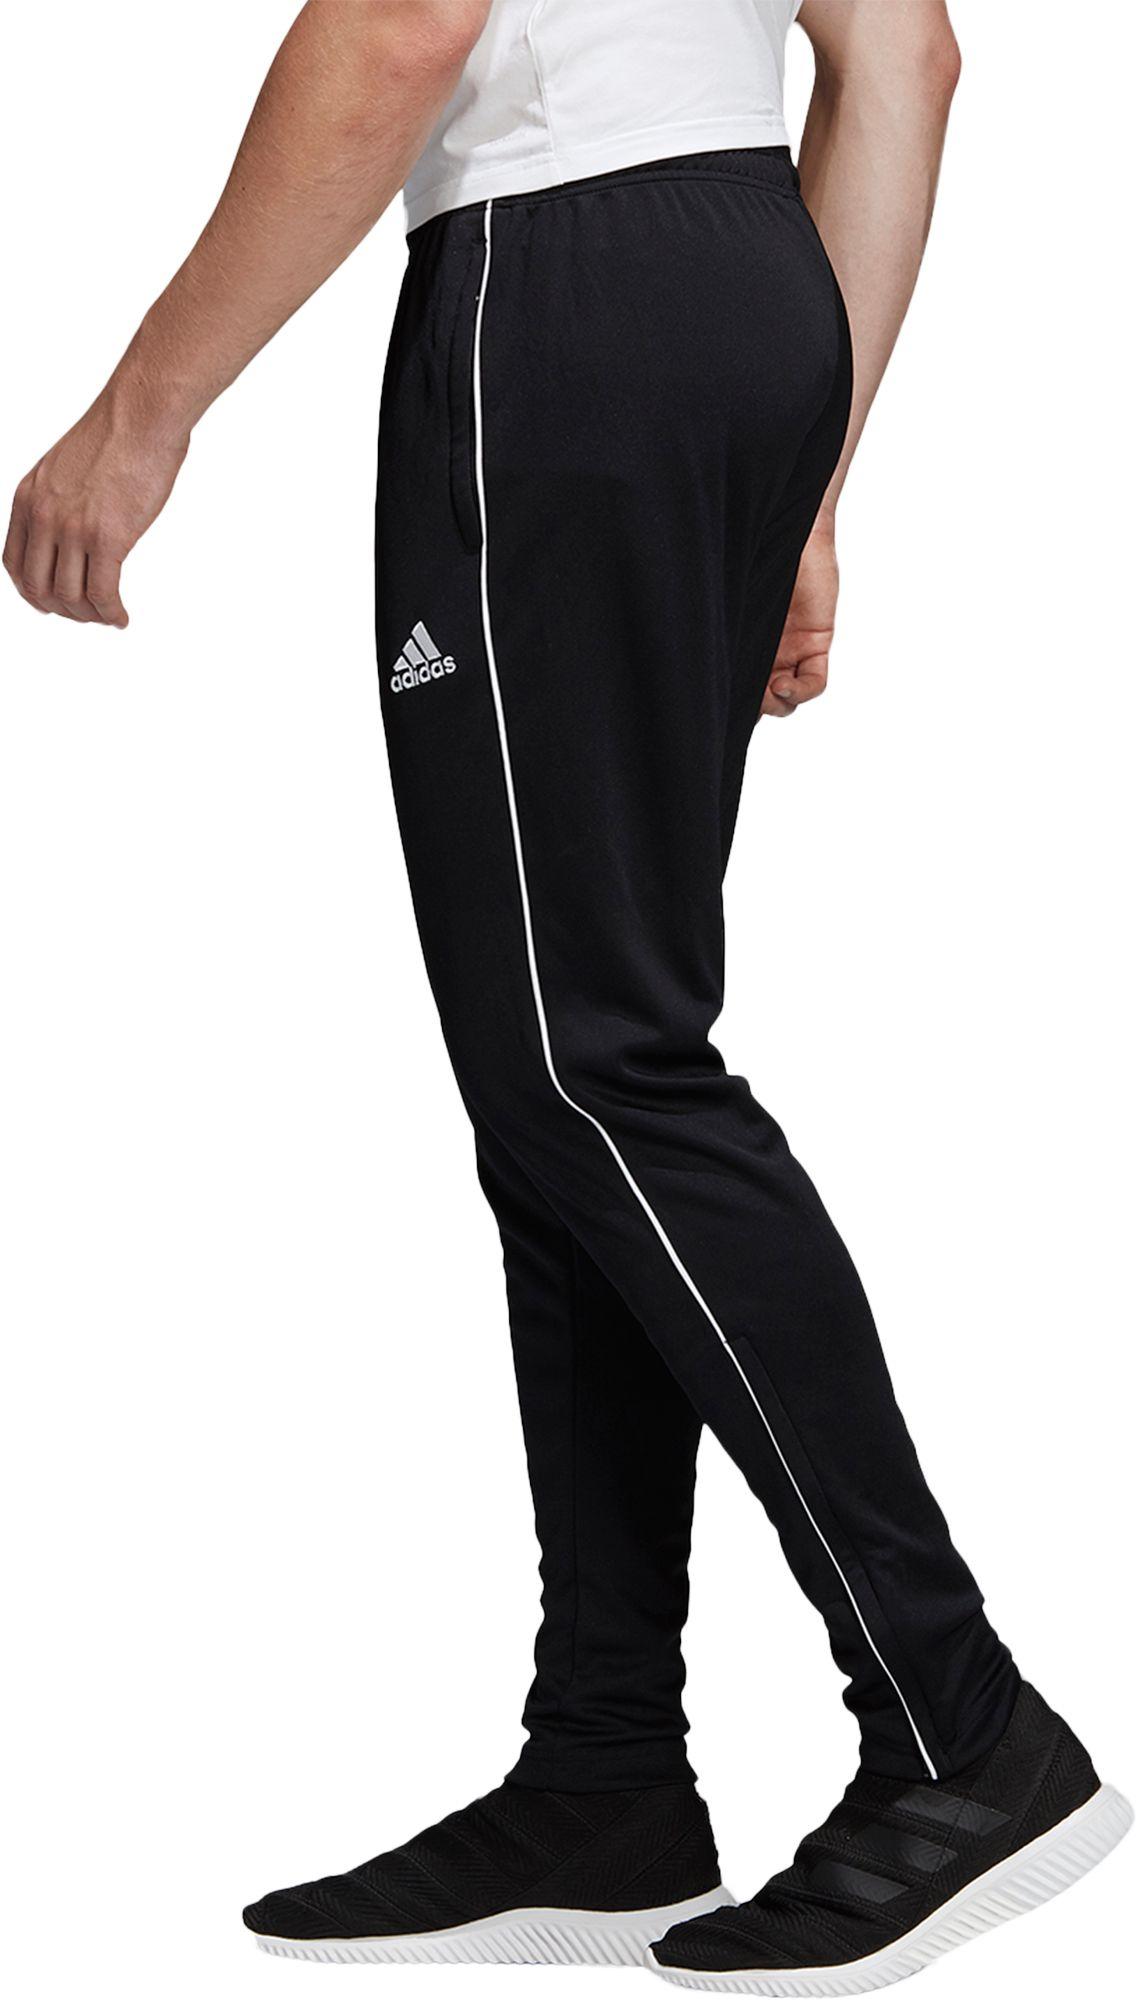 9891d13d64 adidas Men's Core 18 Soccer Training Pants